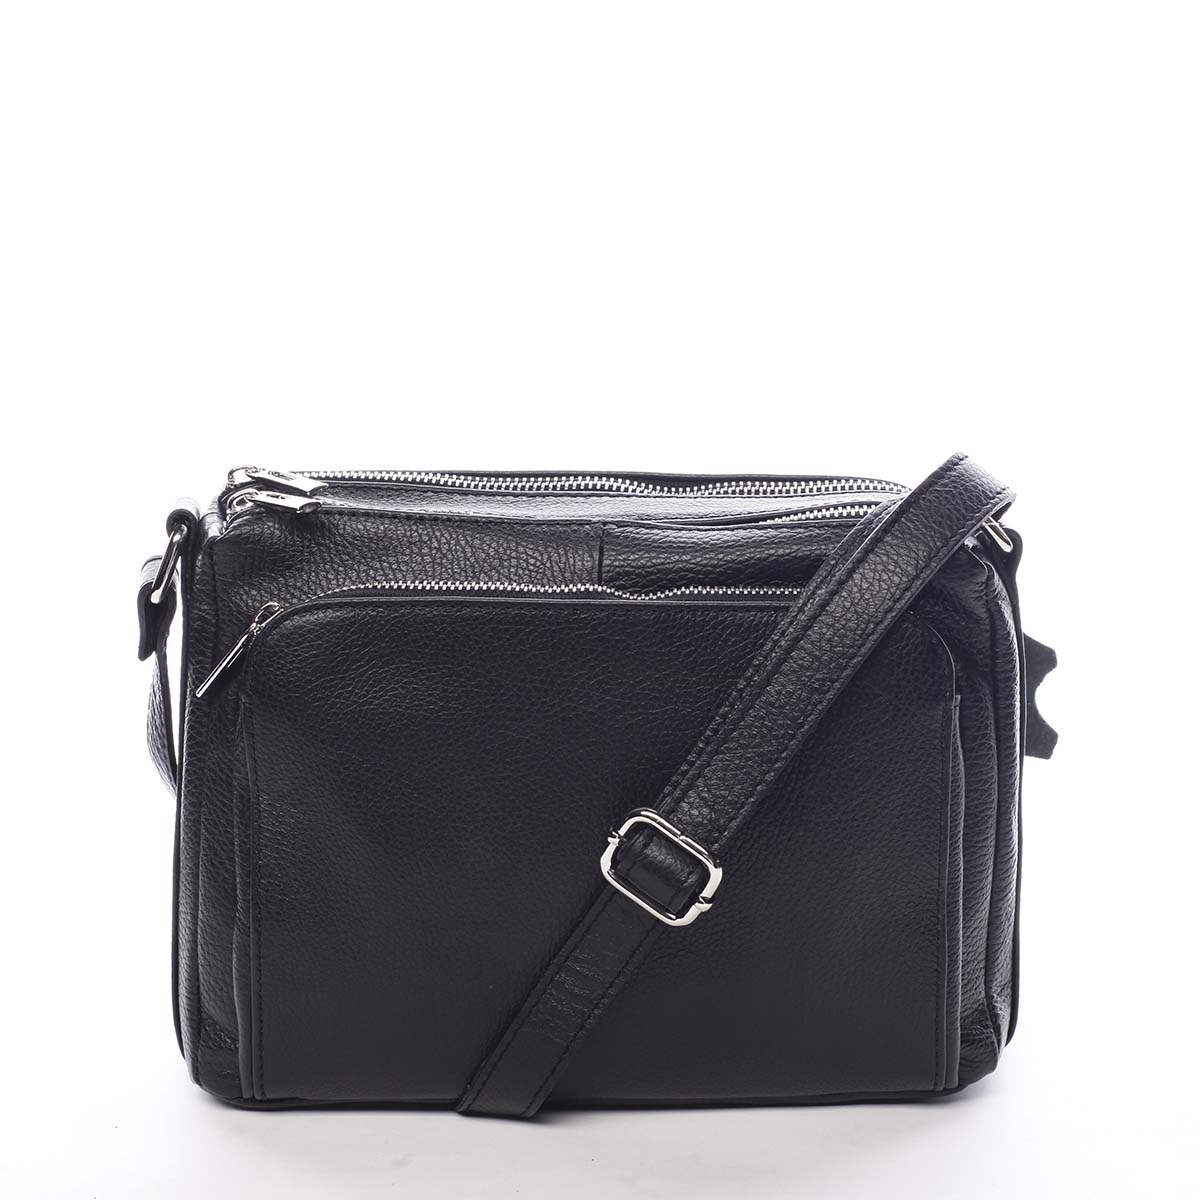 Dámská kožená crossbody kabelka černá - ItalY Bandit